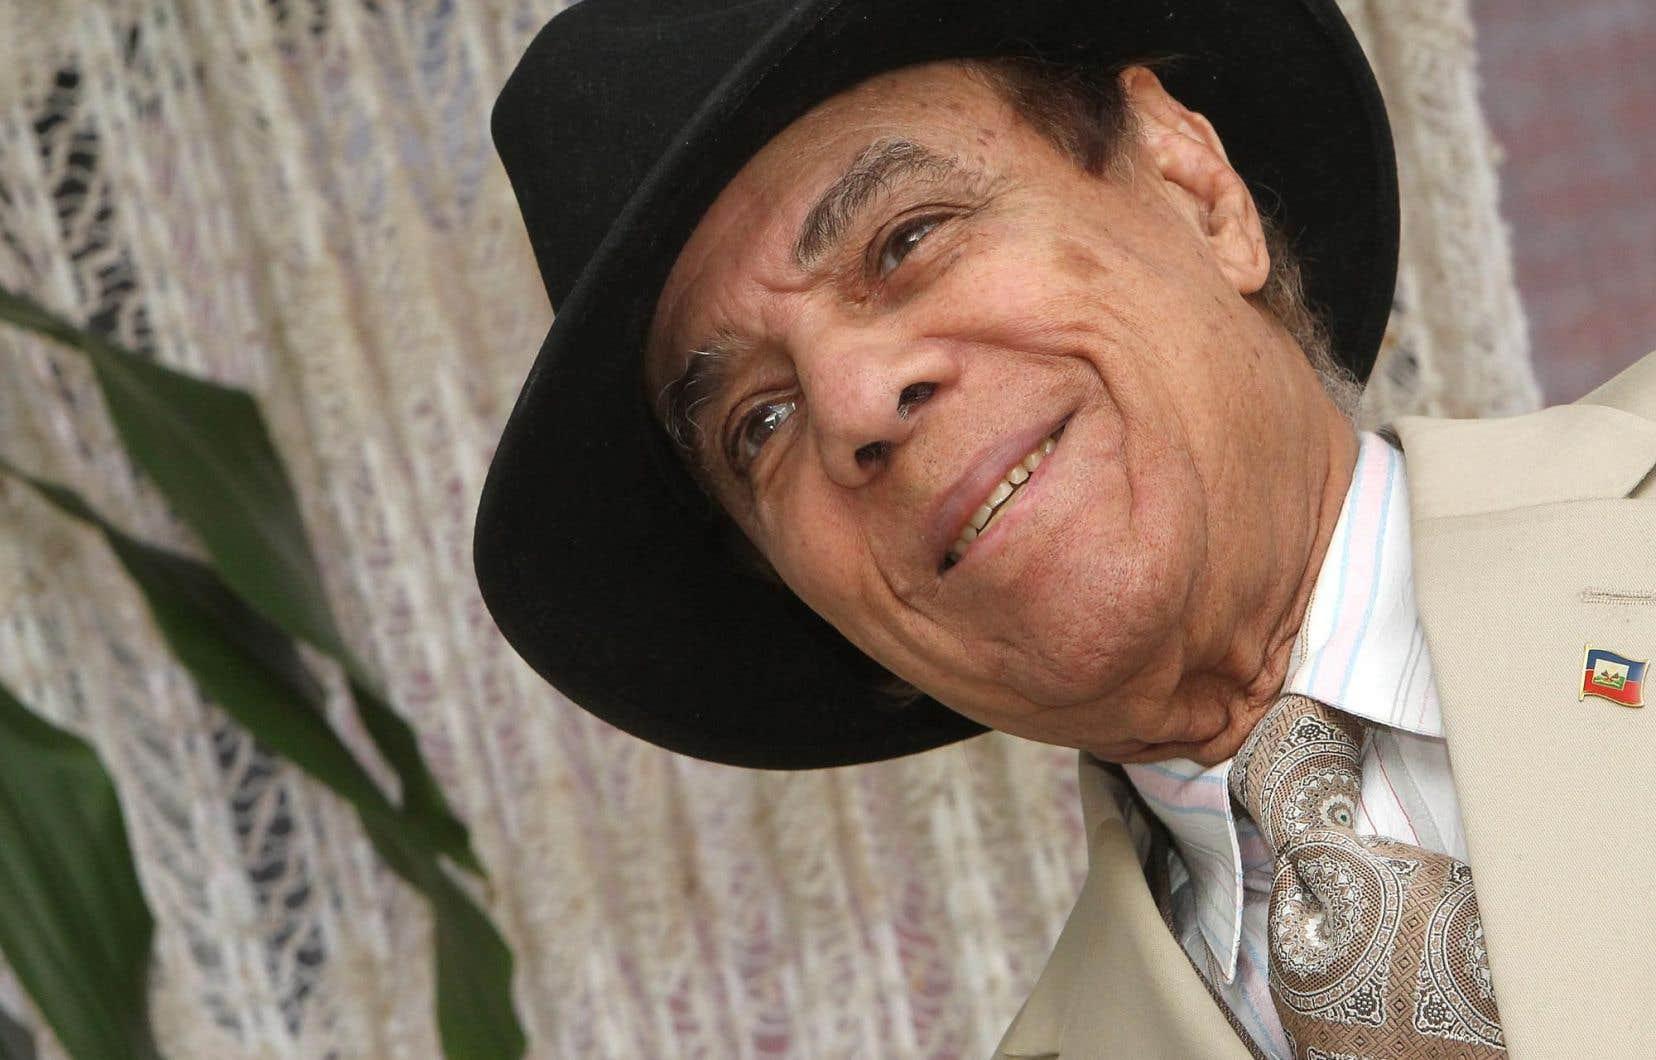 Le chanteur haïtien Joe Trouillot, photographié en 2010